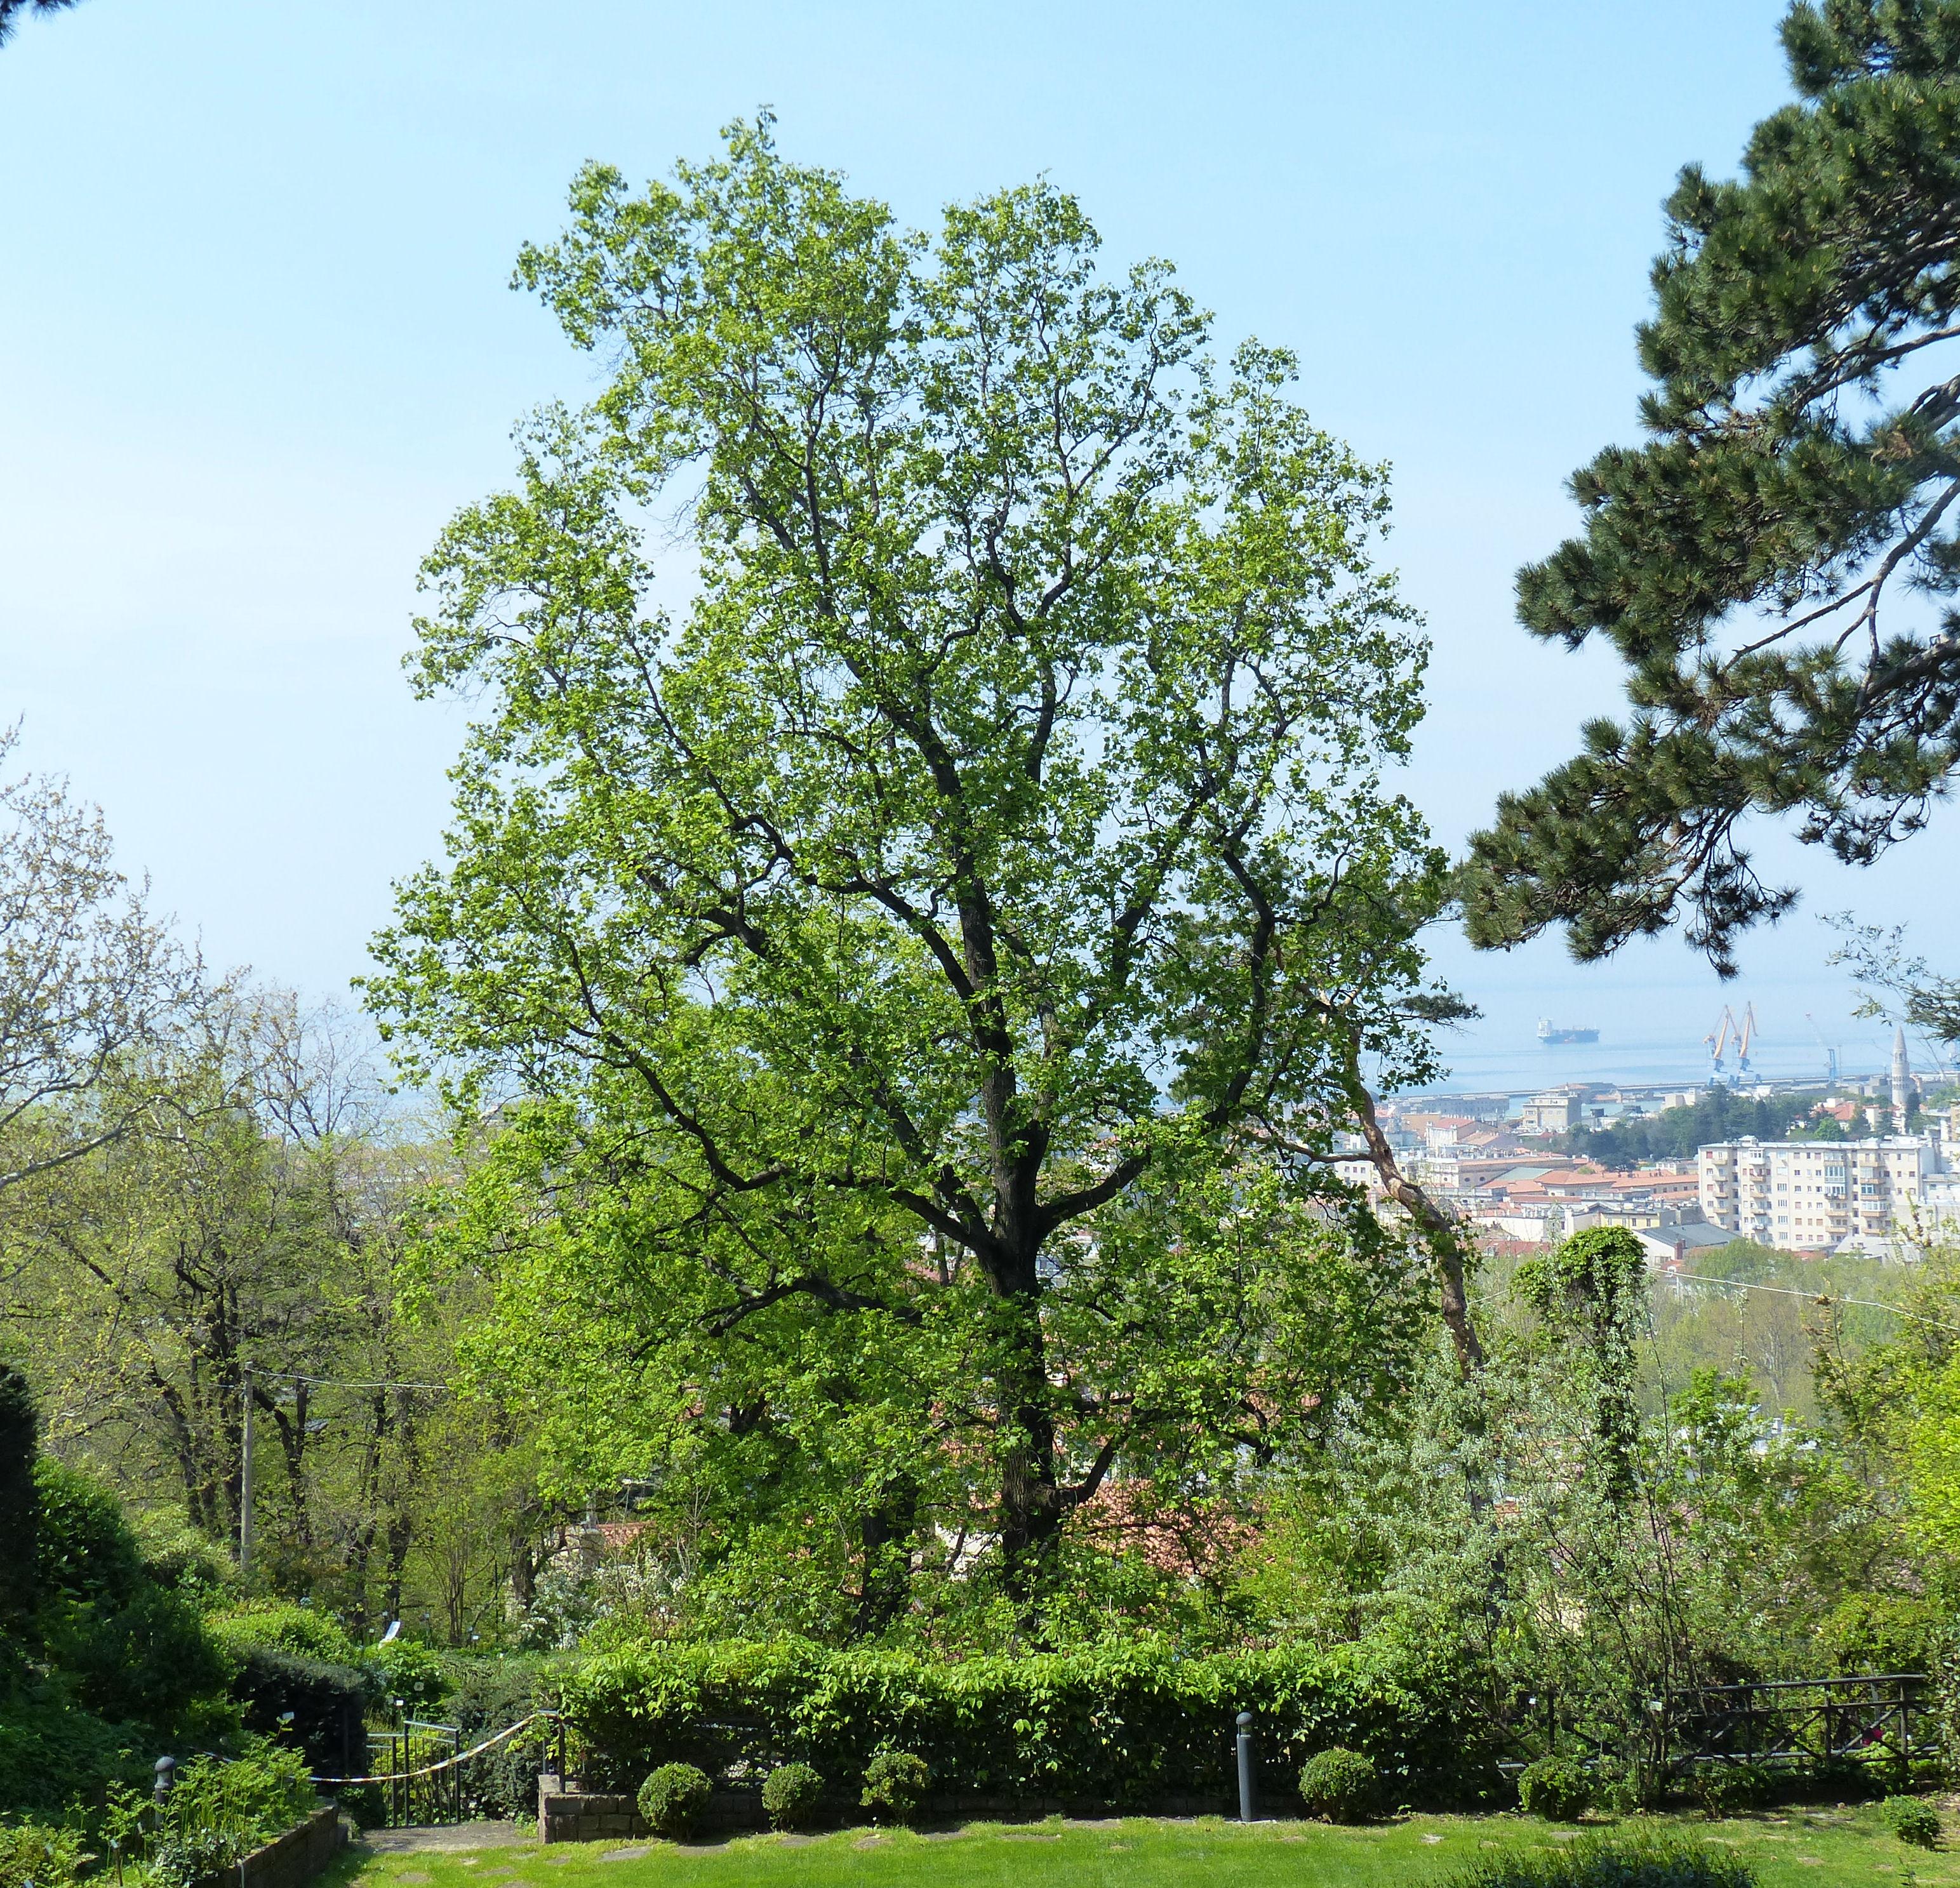 © Dipartimento di Scienze della Vita, Università di Trieste<br>by Andrea Moro<br>Comune di Trieste, Civico Orto Botanico, TS, Friuli Venezia Giulia, Italia, 17/04/2019<br>Distributed under CC-BY-SA 4.0 license.